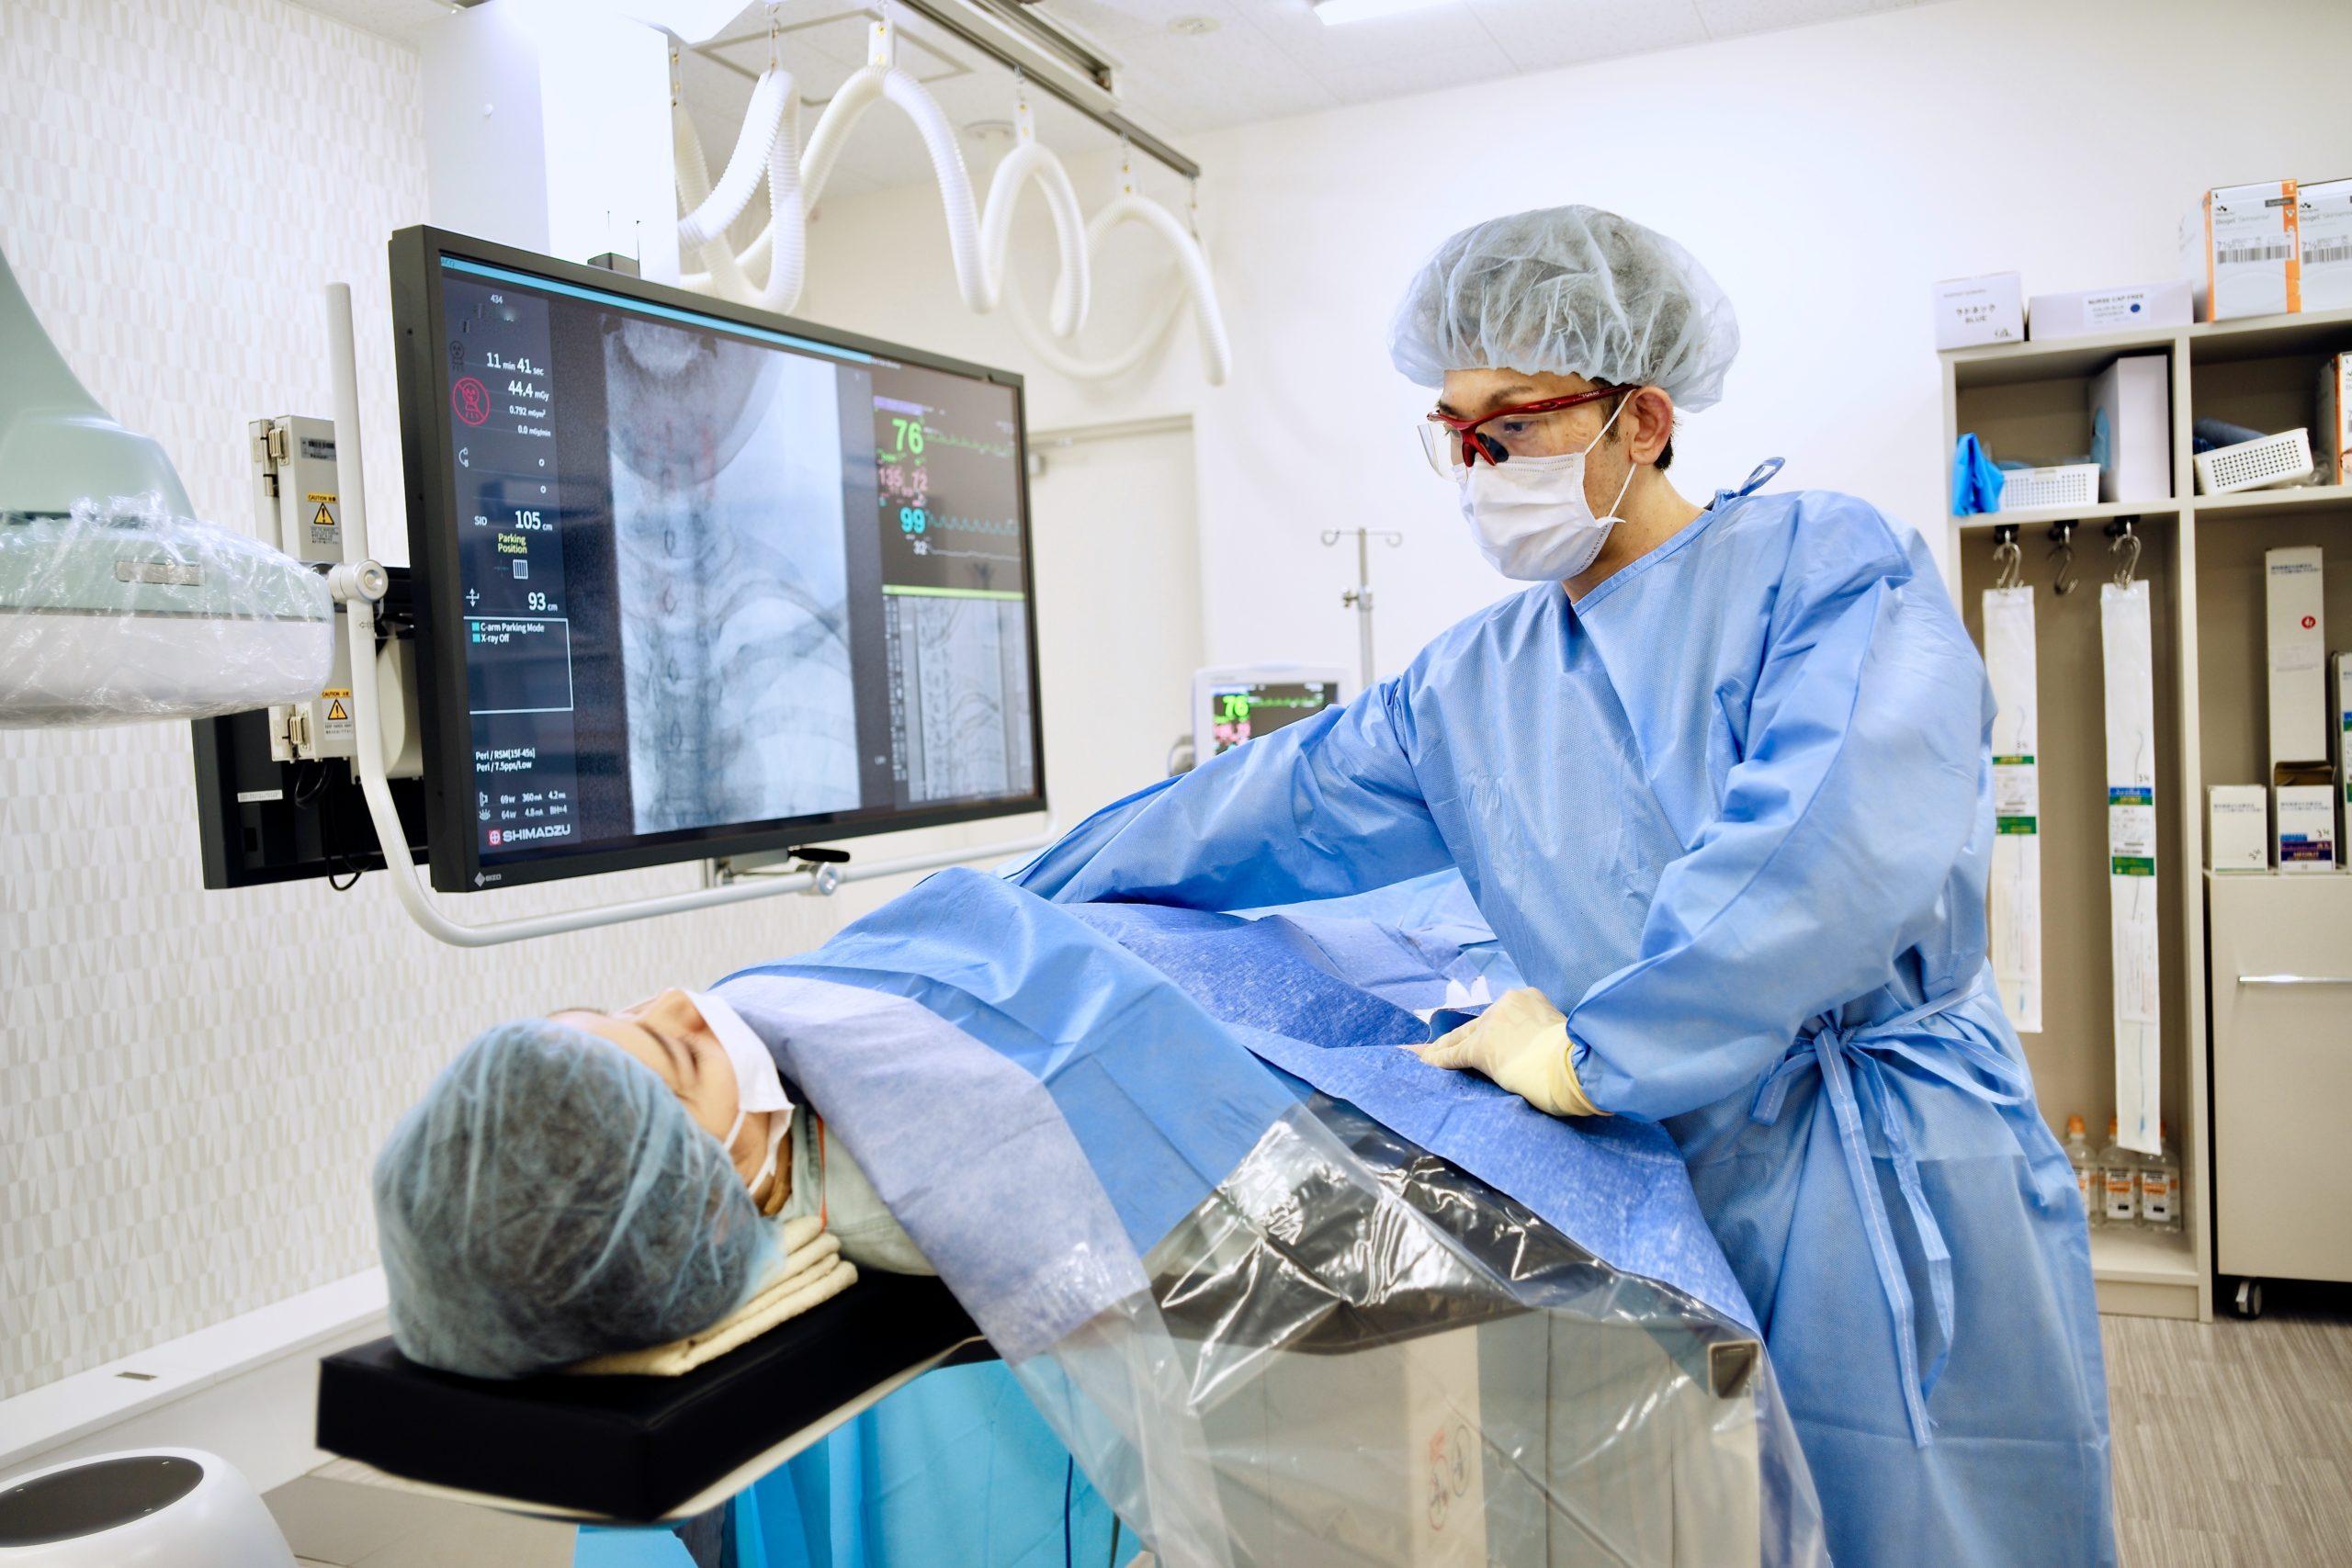 手術 ジャンパー 膝